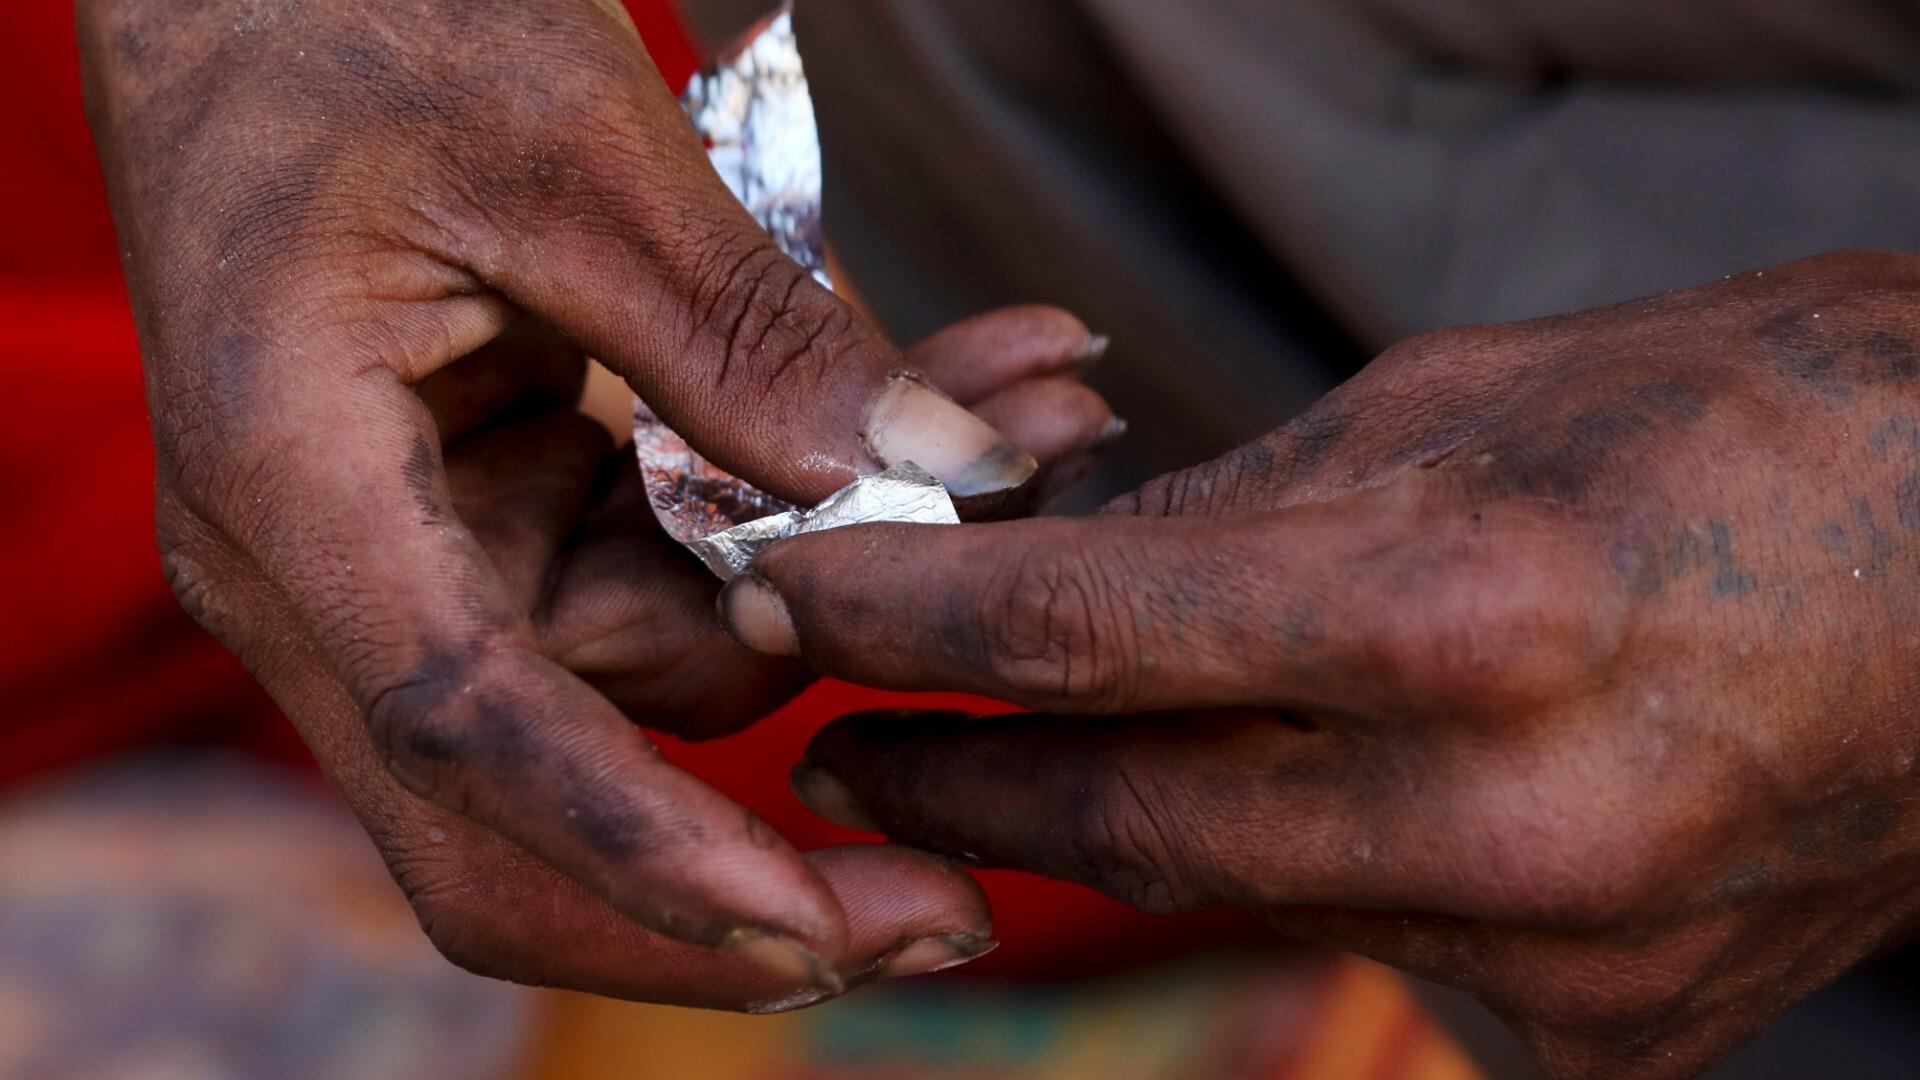 Tackling drug addiction: Myanmar ethnic group steps up fight